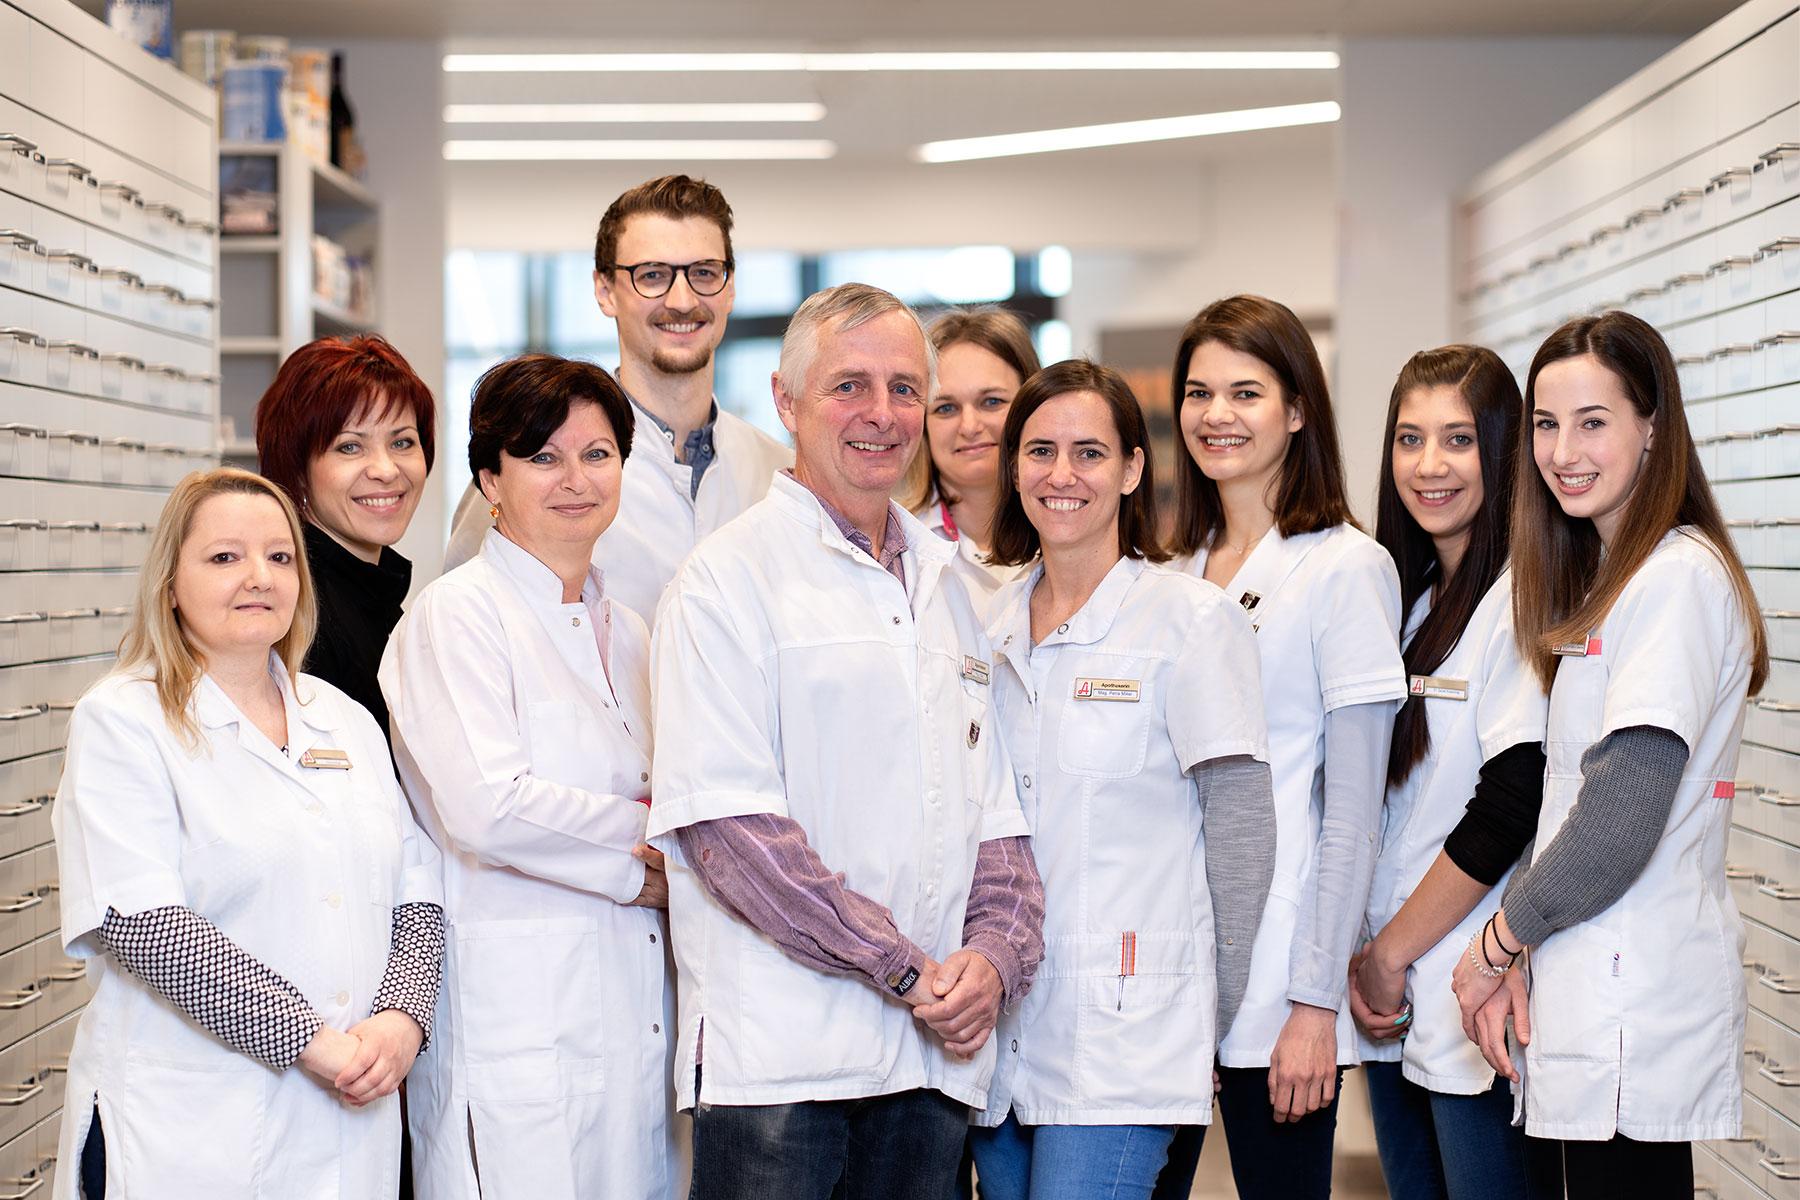 teamfoto-bernsteinapotheke-klagenfurt